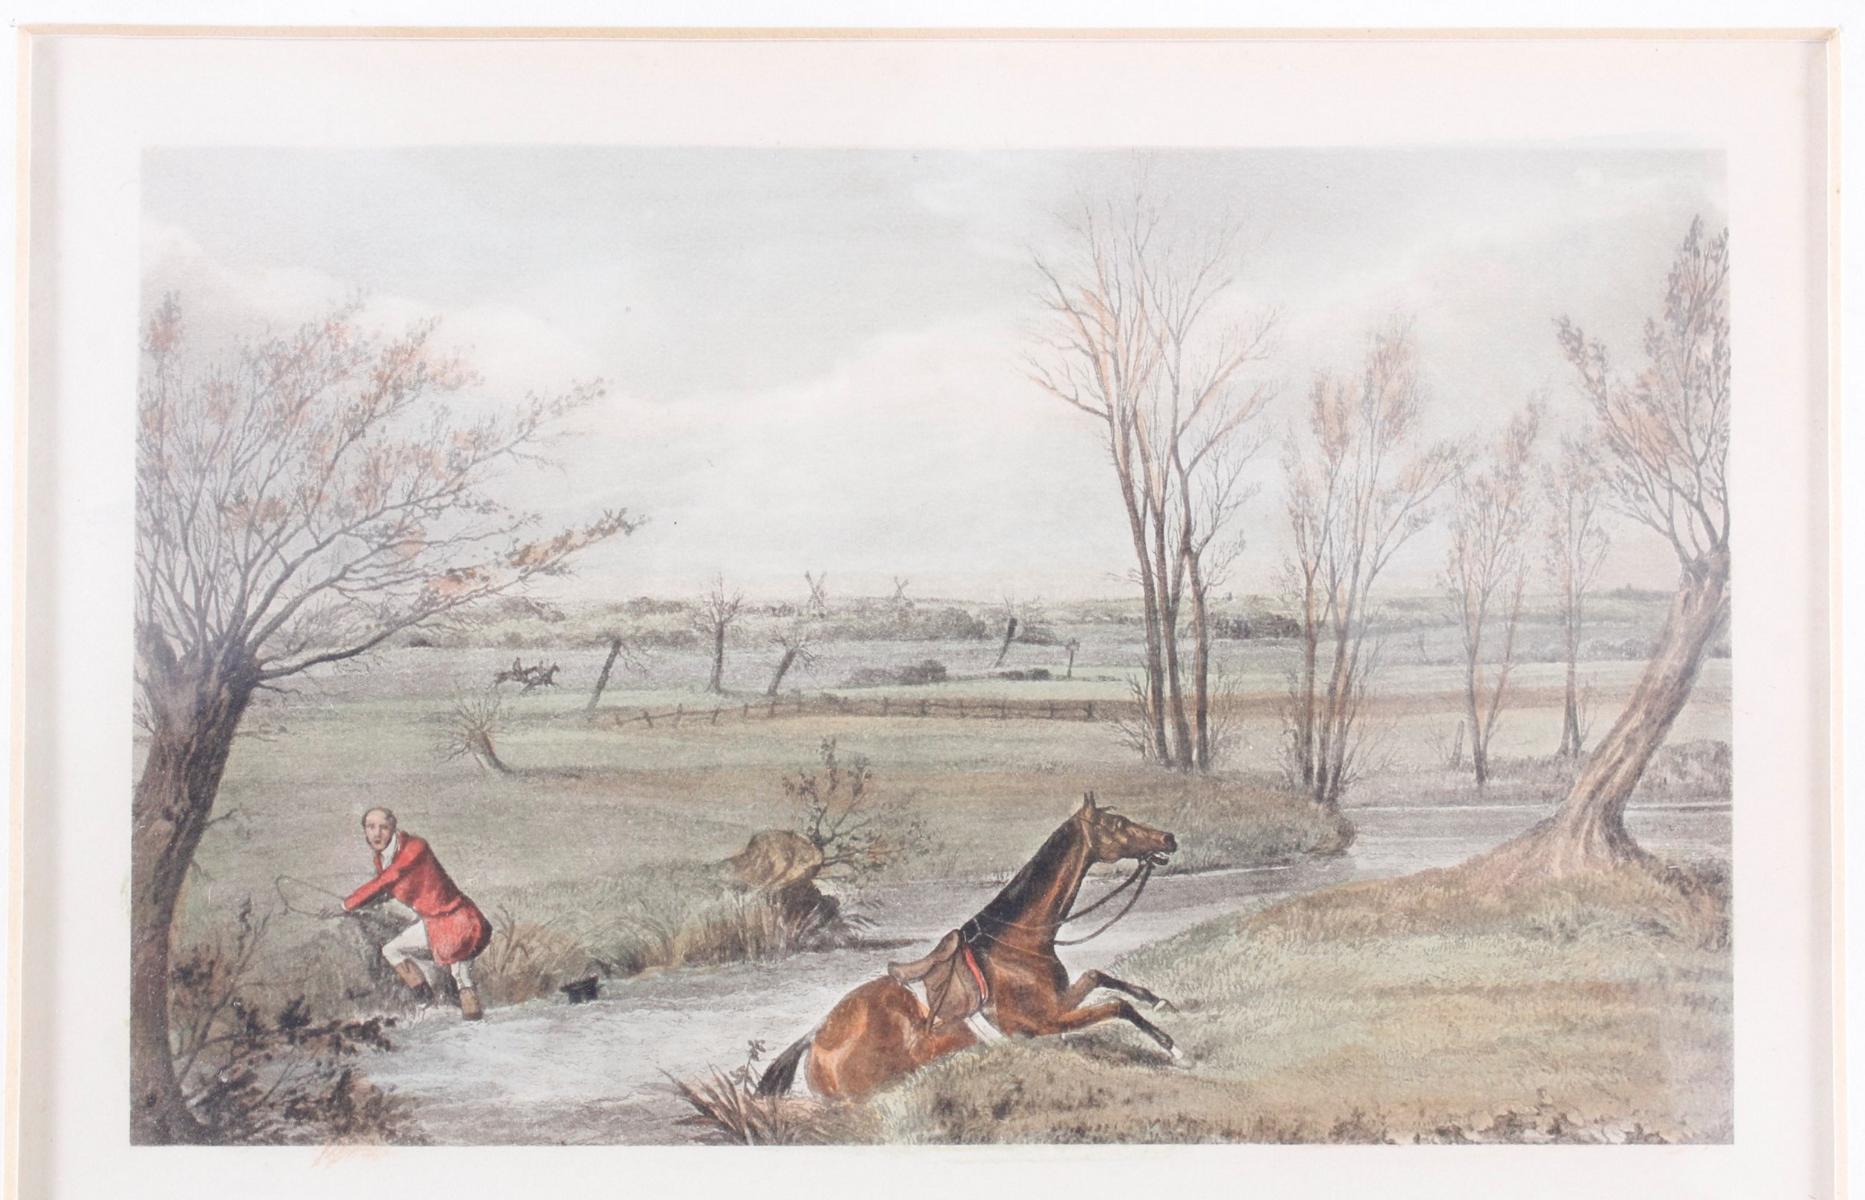 Konvolut Druckgrafiken zum Thema Reiter und Pferde-6